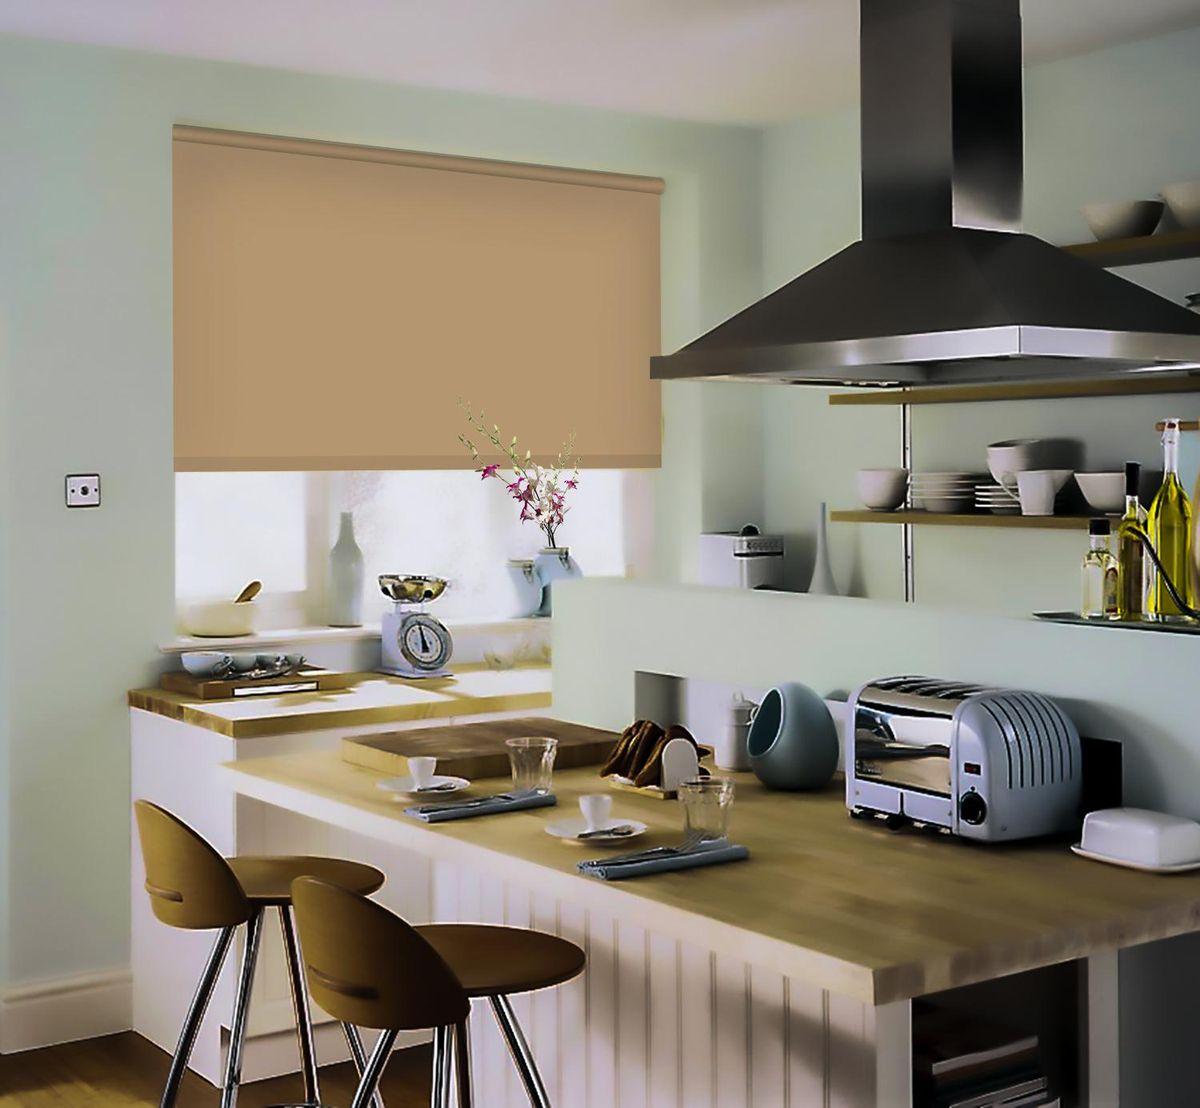 Штора рулонная Эскар, цвет: темно-бежевый, ширина 60 см, высота 170 см81209060170Рулонными шторами можно оформлять окна как самостоятельно, так и использовать в комбинации с портьерами. Это поможет предотвратить выгорание дорогой ткани на солнце и соединит функционал рулонных с красотой навесных. Преимущества применения рулонных штор для пластиковых окон: - имеют прекрасный внешний вид: многообразие и фактурность материала изделия отлично смотрятся в любом интерьере; - многофункциональны: есть возможность подобрать шторы способные эффективно защитить комнату от солнца, при этом она не будет слишком темной. - Есть возможность осуществить быстрый монтаж. ВНИМАНИЕ! Размеры ширины изделия указаны по ширине ткани! Во время эксплуатации не рекомендуется полностью разматывать рулон, чтобы не оторвать ткань от намоточного вала. В случае загрязнения поверхности ткани, чистку шторы проводят одним из способов, в зависимости от типа загрязнения: легкое поверхностное загрязнение можно удалить при помощи канцелярского ластика; чистка от пыли производится сухим методом при...